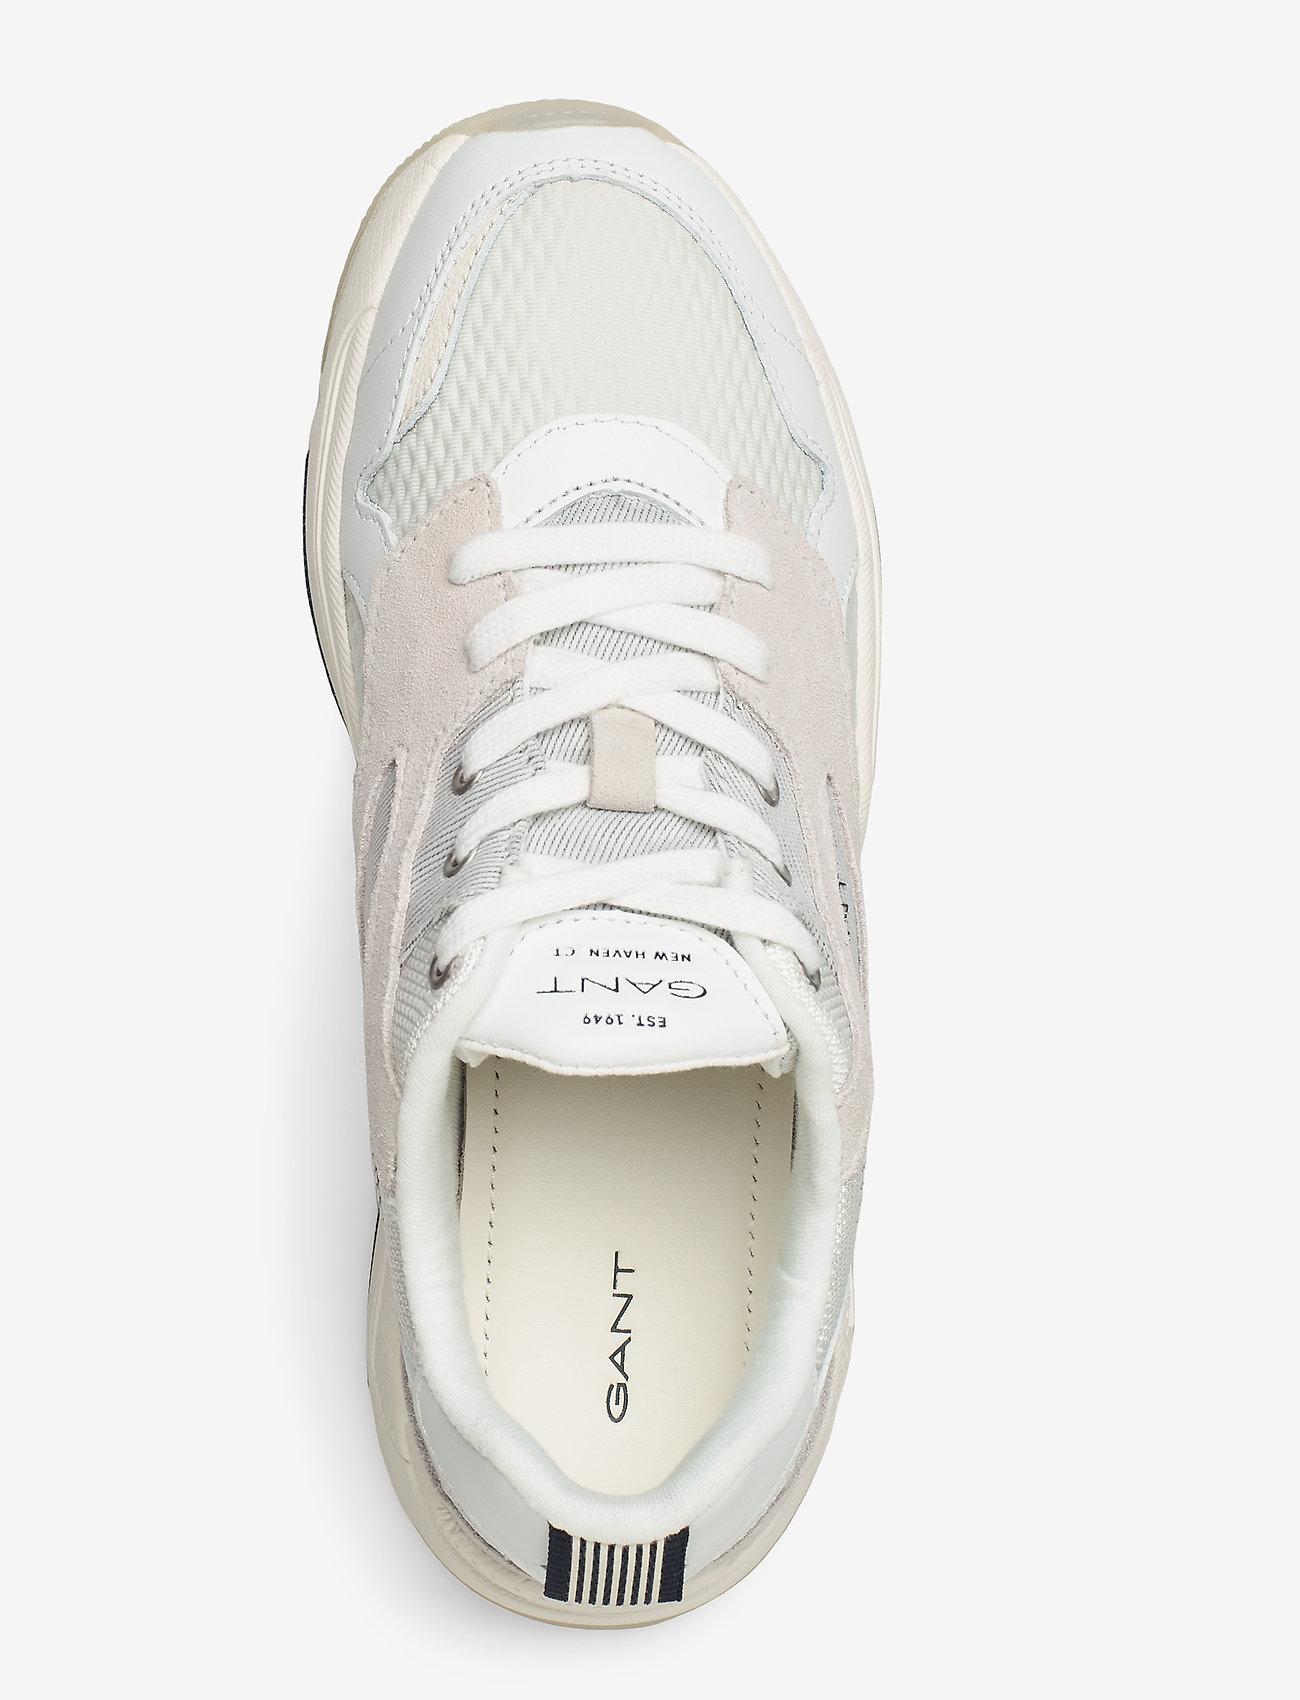 Nicewill Sneaker (White) (769.30 kr) - GANT